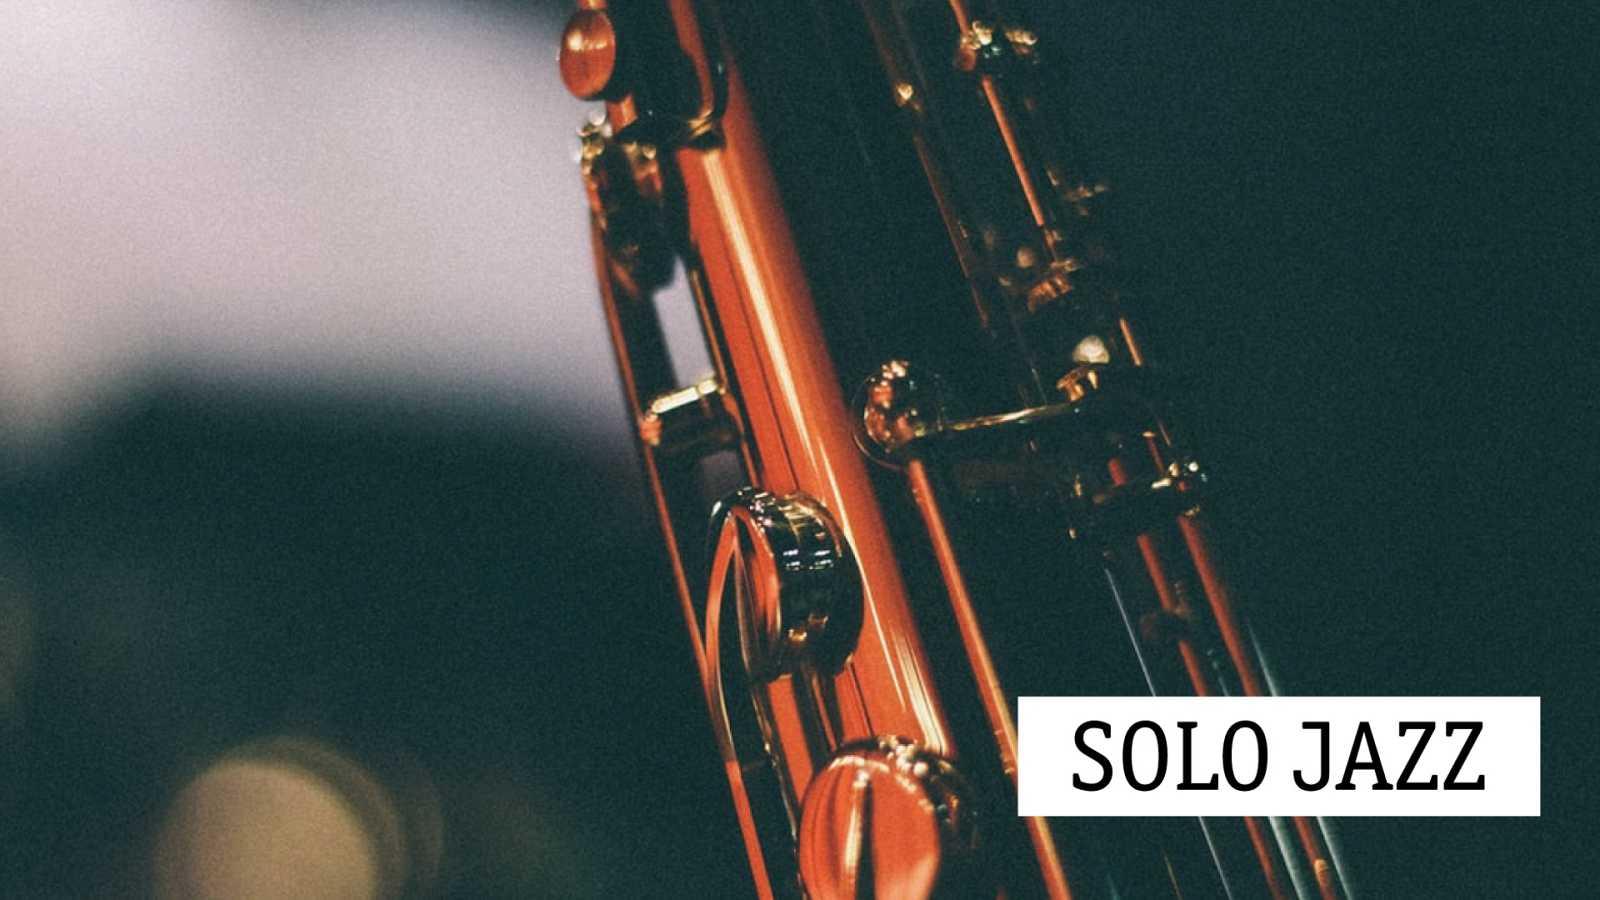 Solo jazz - La sombra de Johnny Hodges es muy alargada - 09/06/21 - escuchar ahora